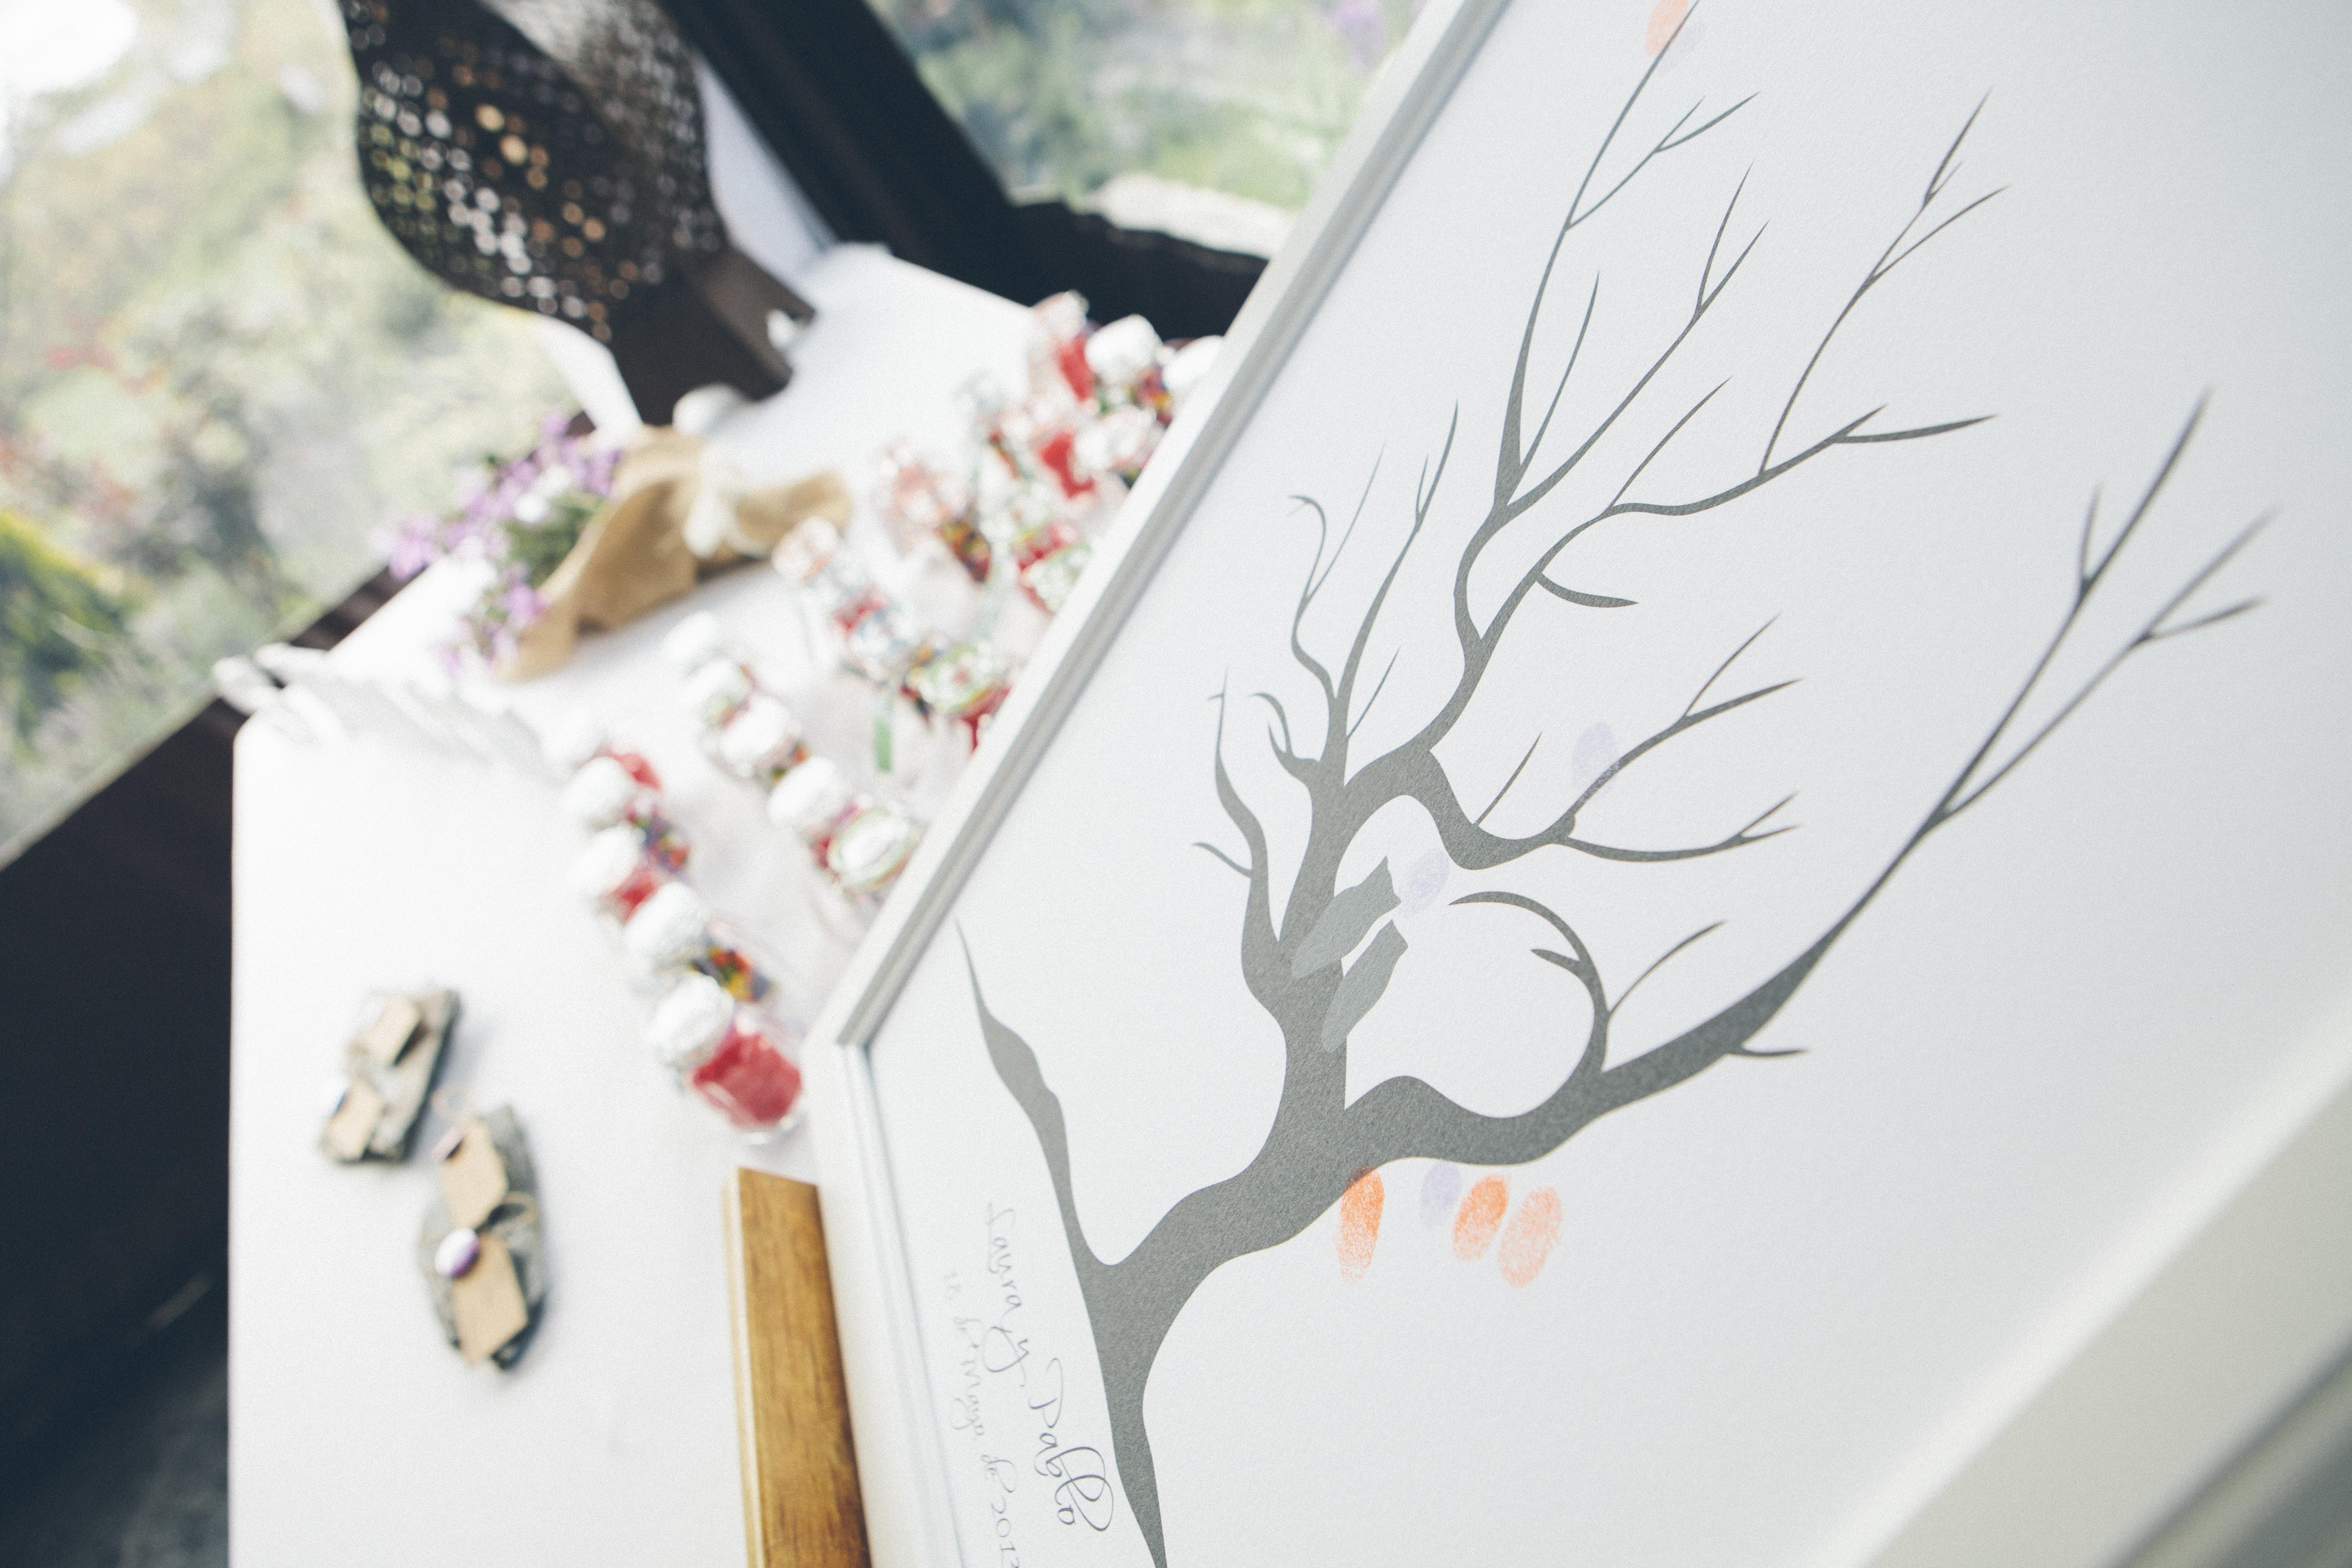 La boda l p decoraci n ii envidien mi boda - Detalles para los invitados de boda ...